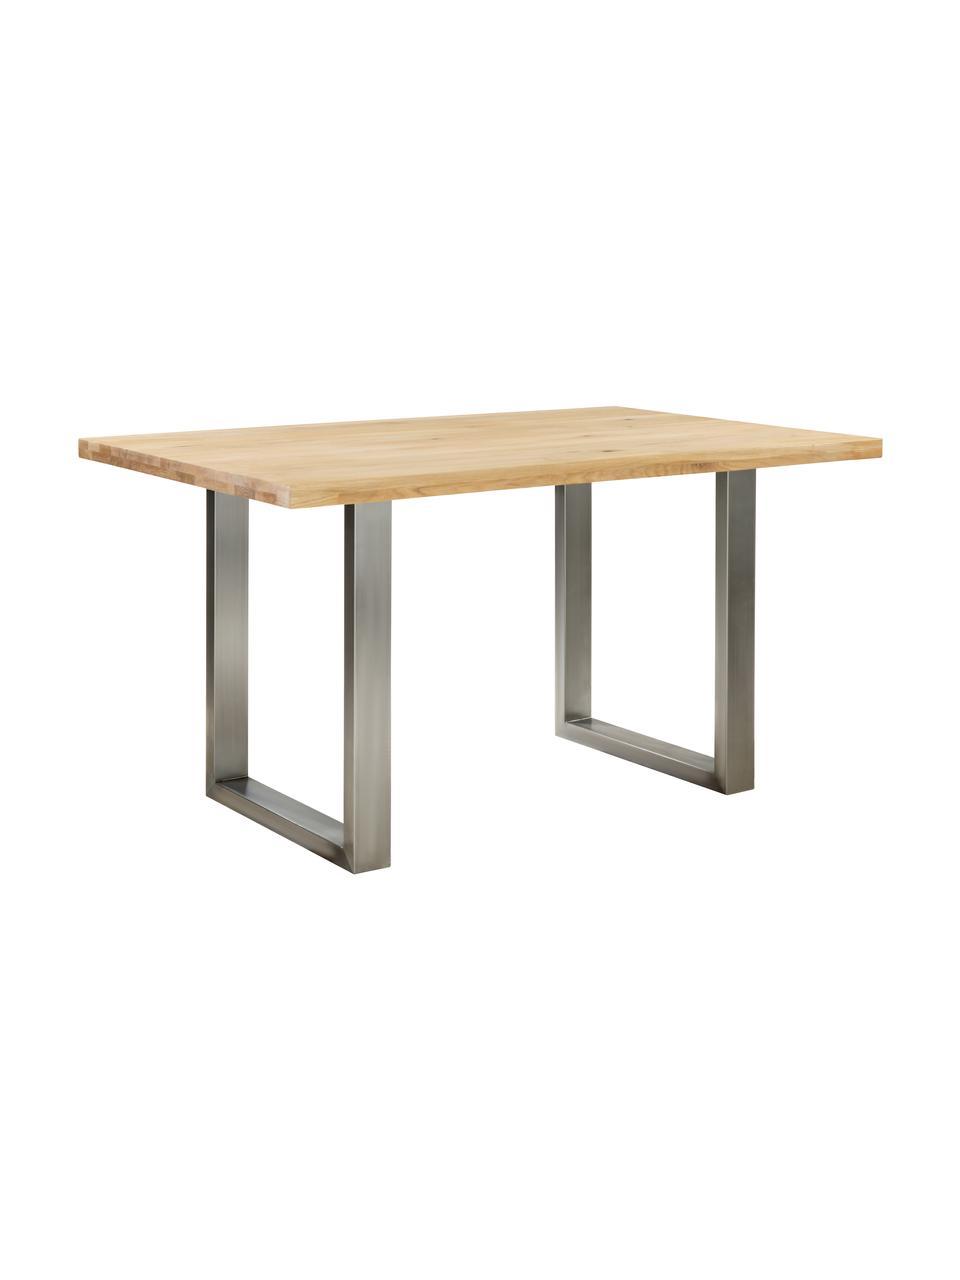 Jídelní stůl sdeskou zmasivu Oliver, Divoký dub, nerezová ocel